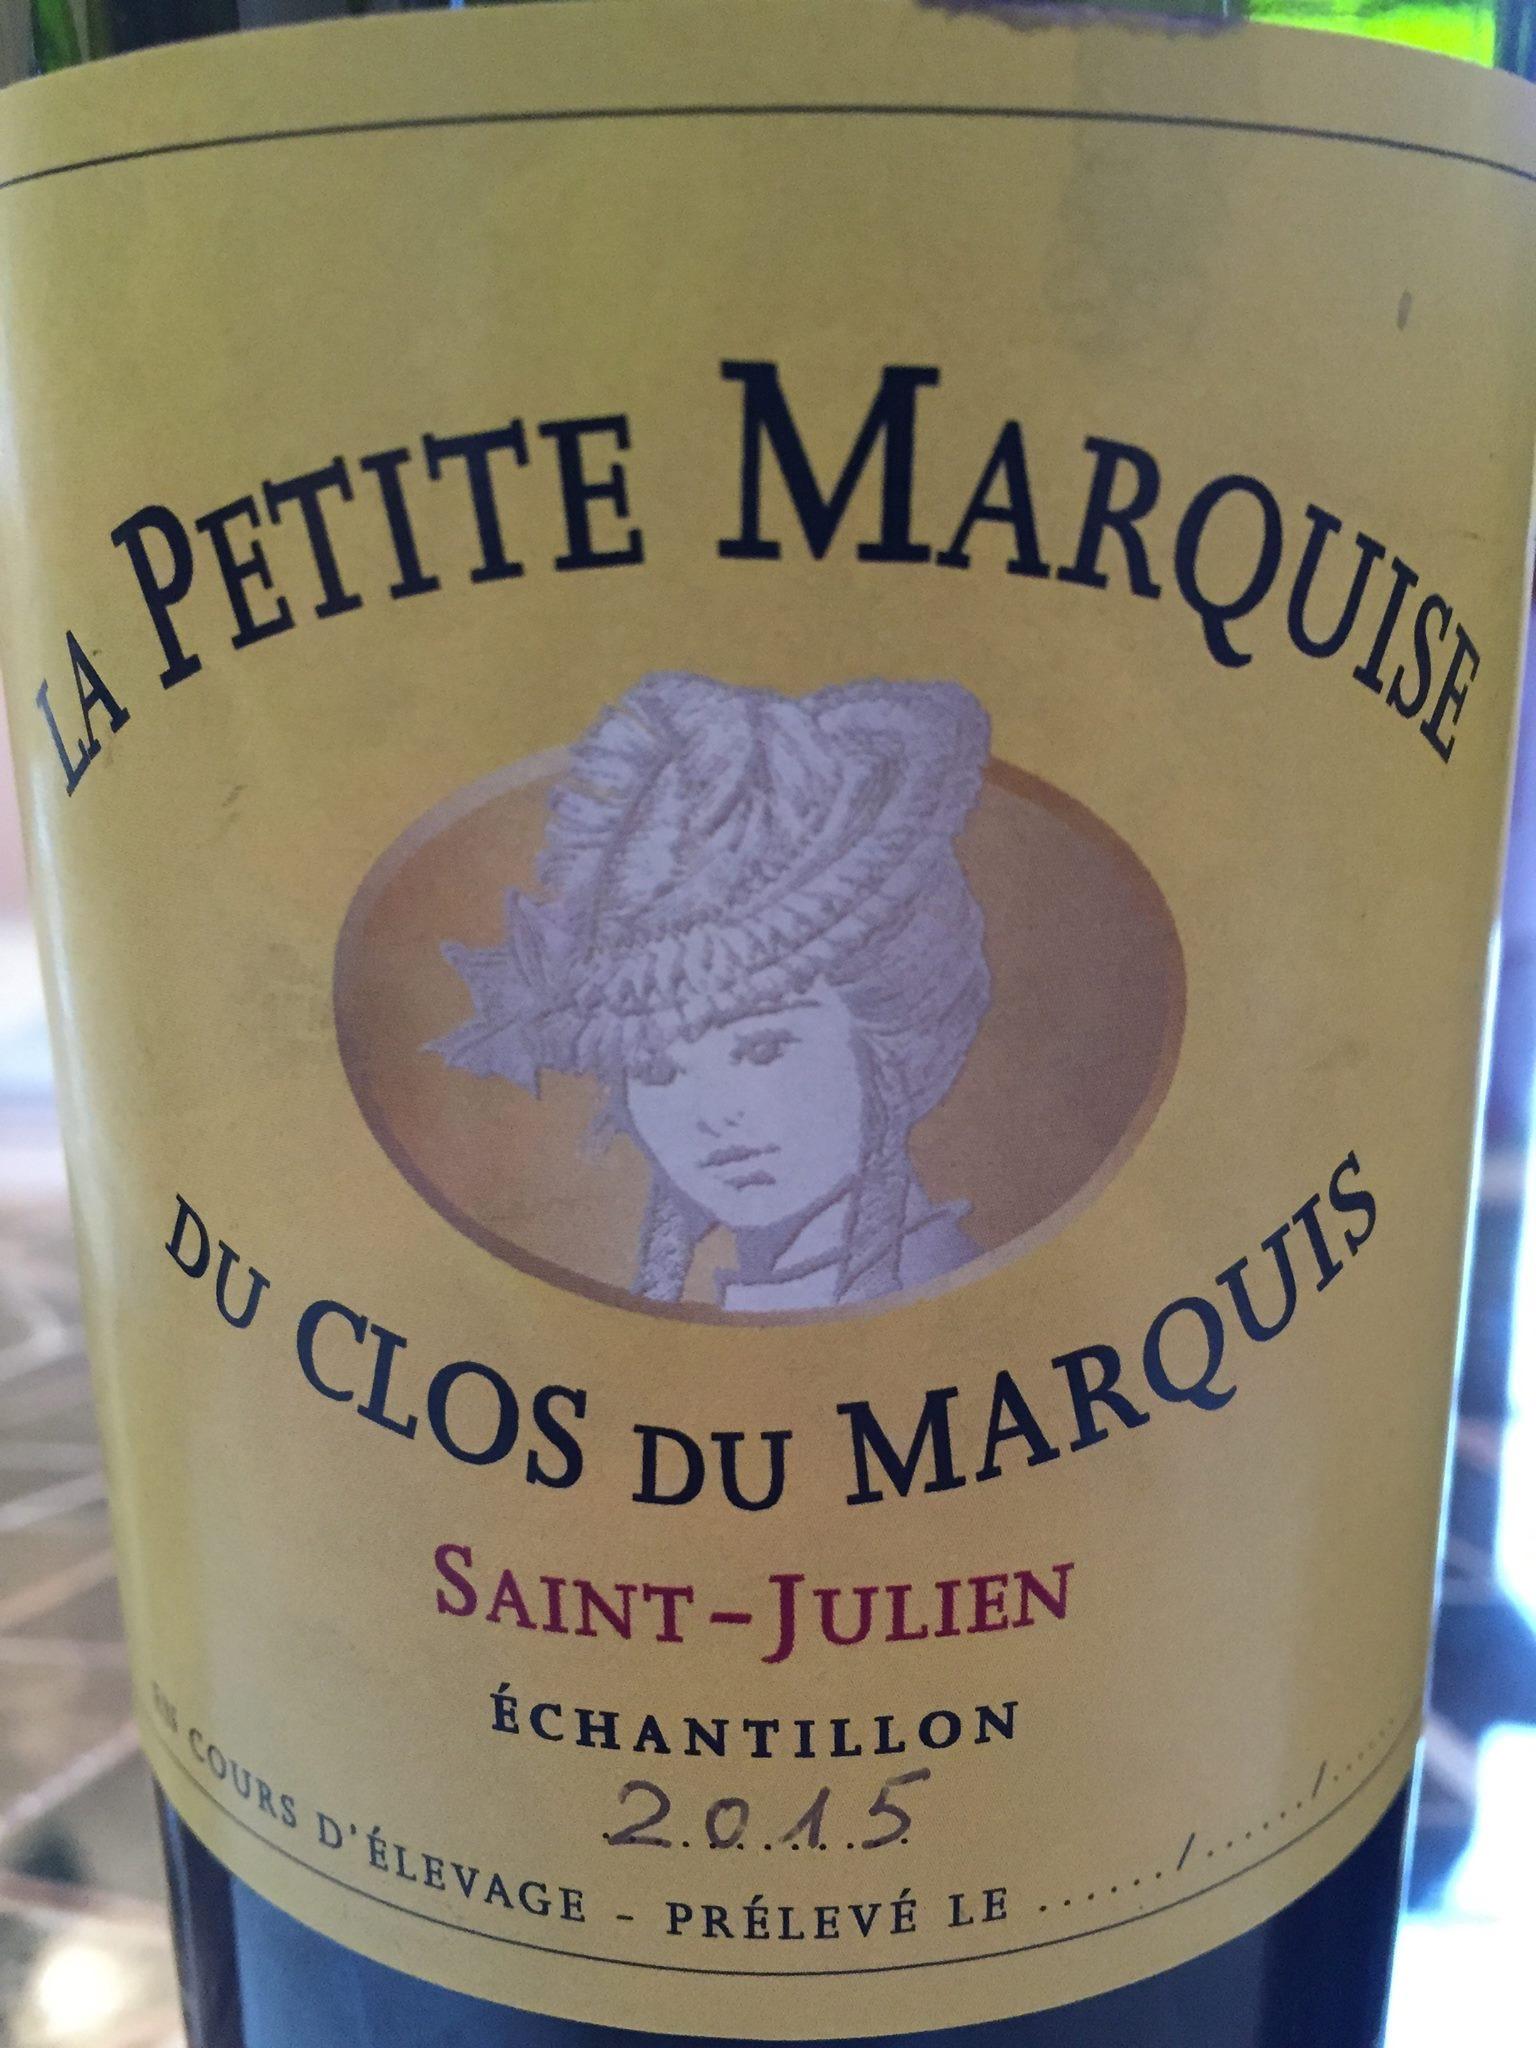 La Petite Marquise du Clos du Marquis 2015 – Saint-Julien